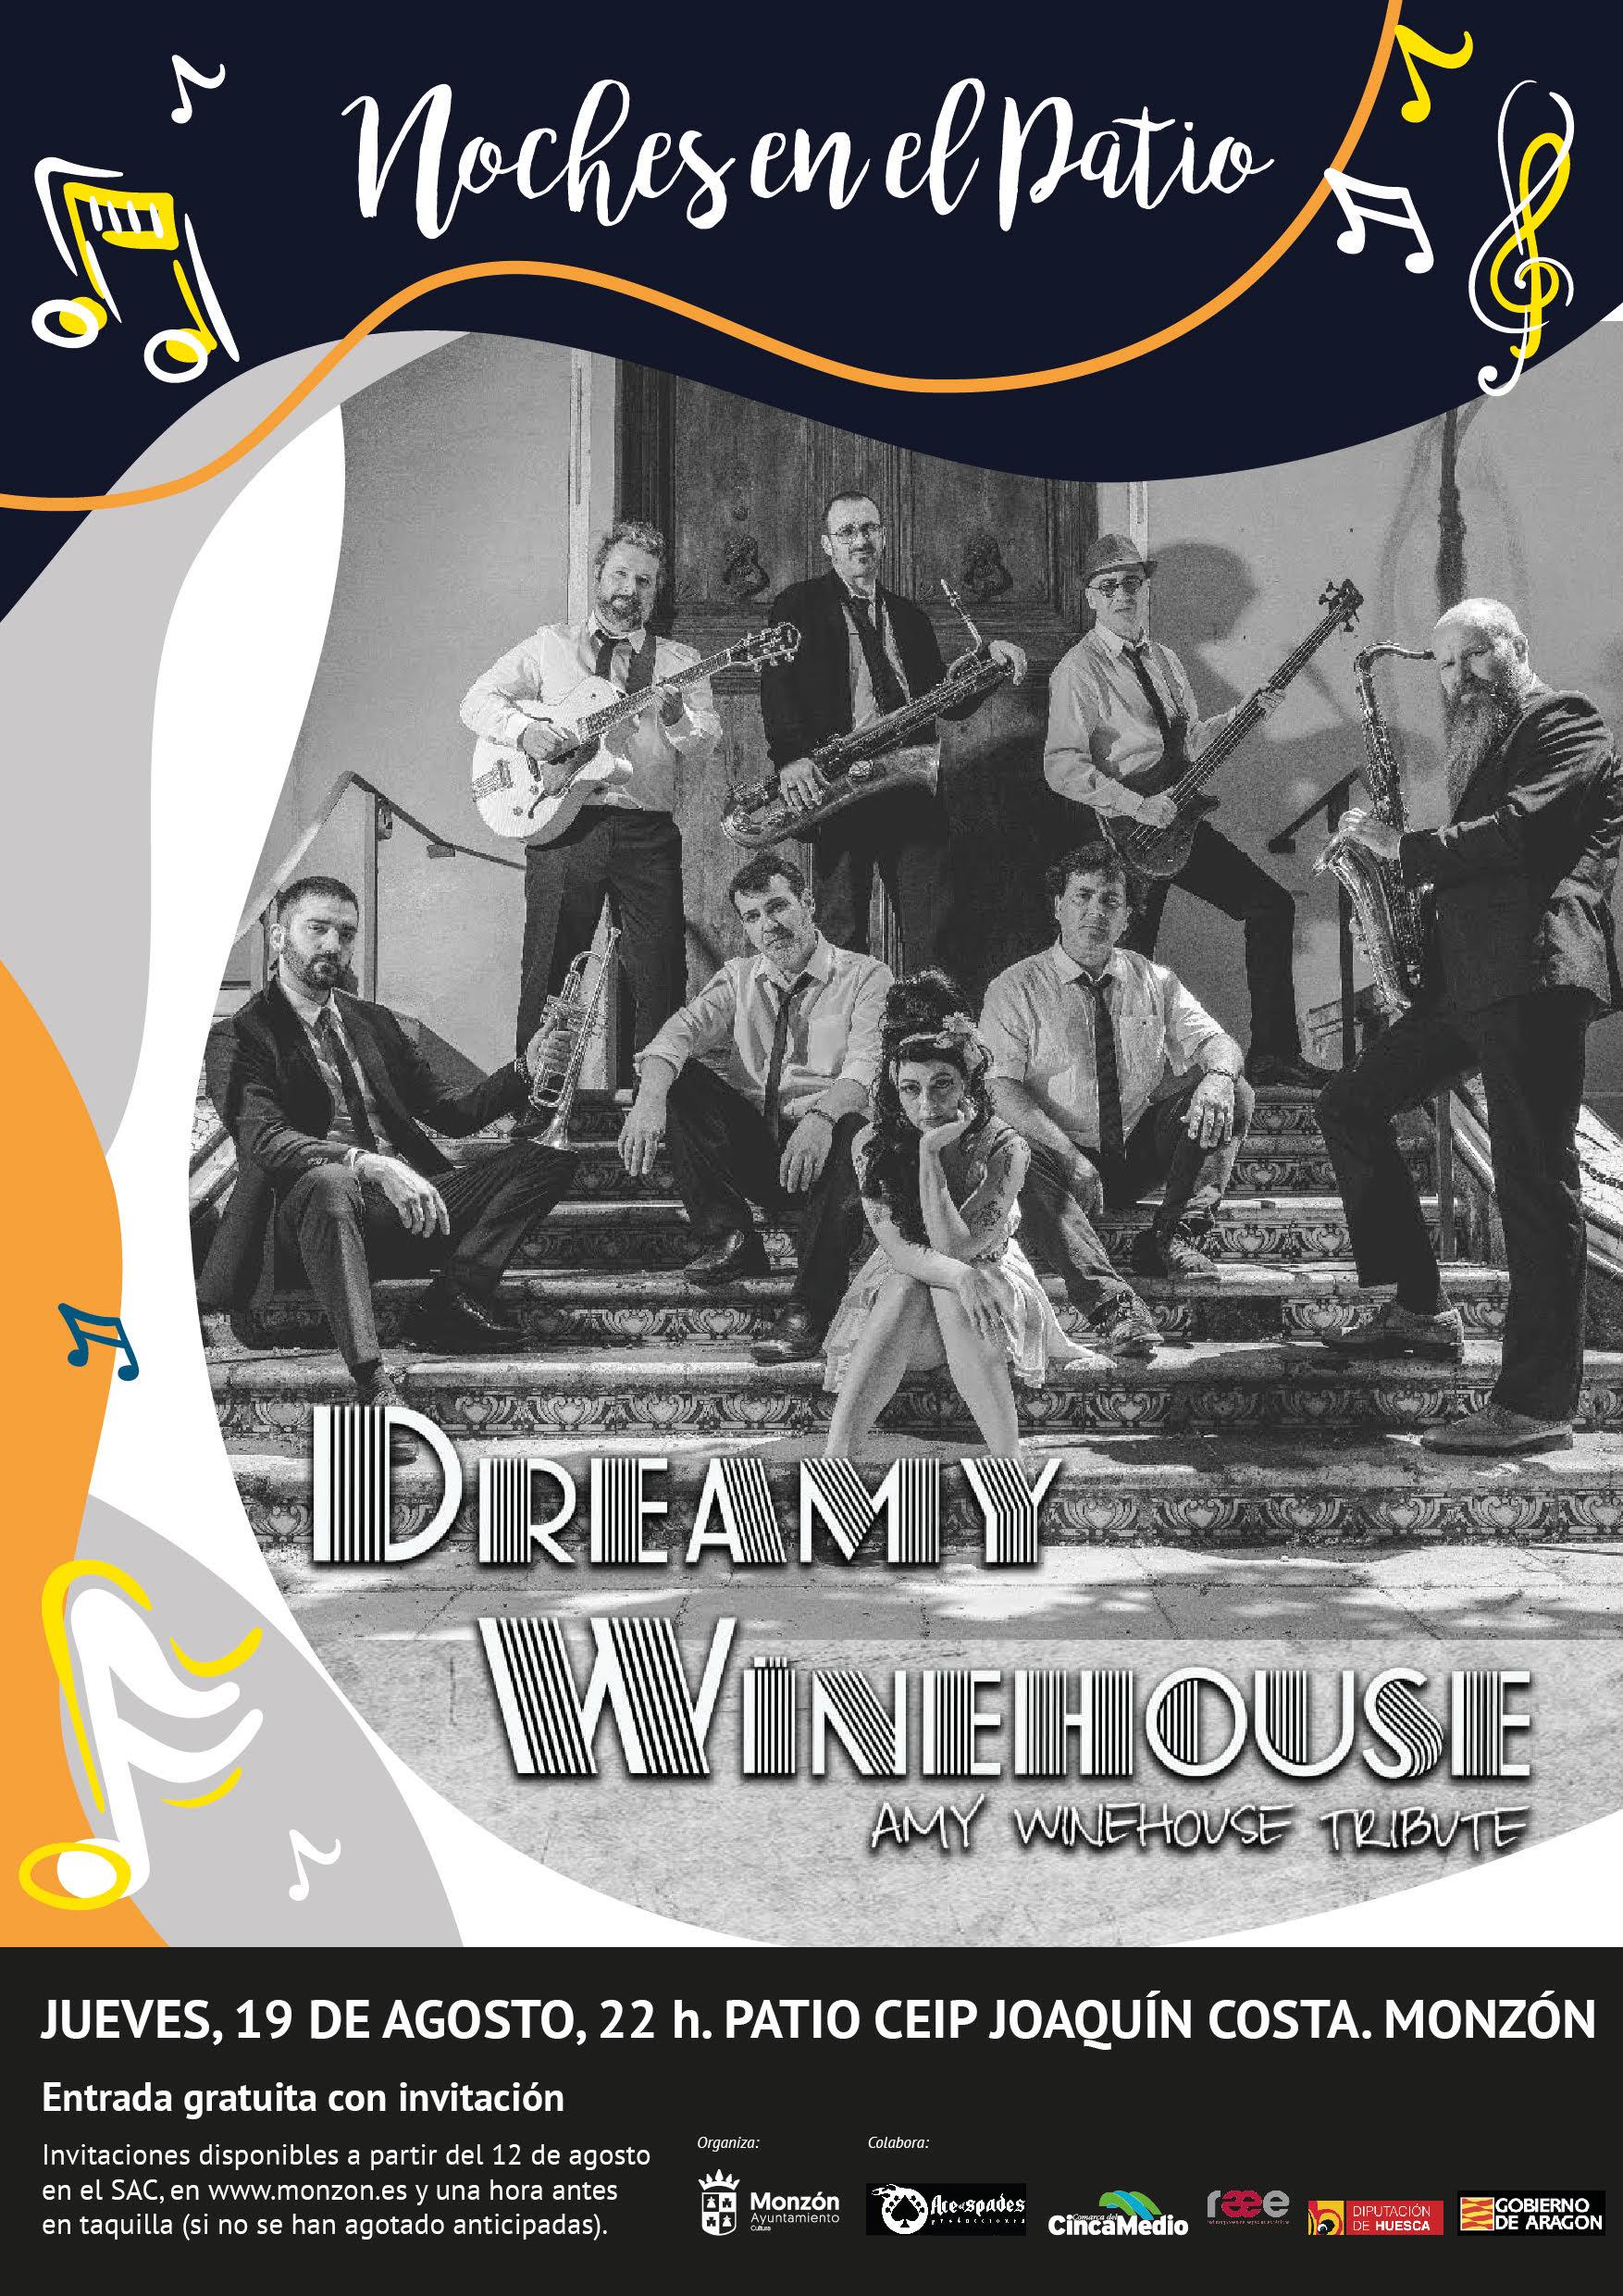 Cartel concierto Dreamy Winehouse - Amy Winehouse Tribute el 19 de agosto del 2021 en Monzón